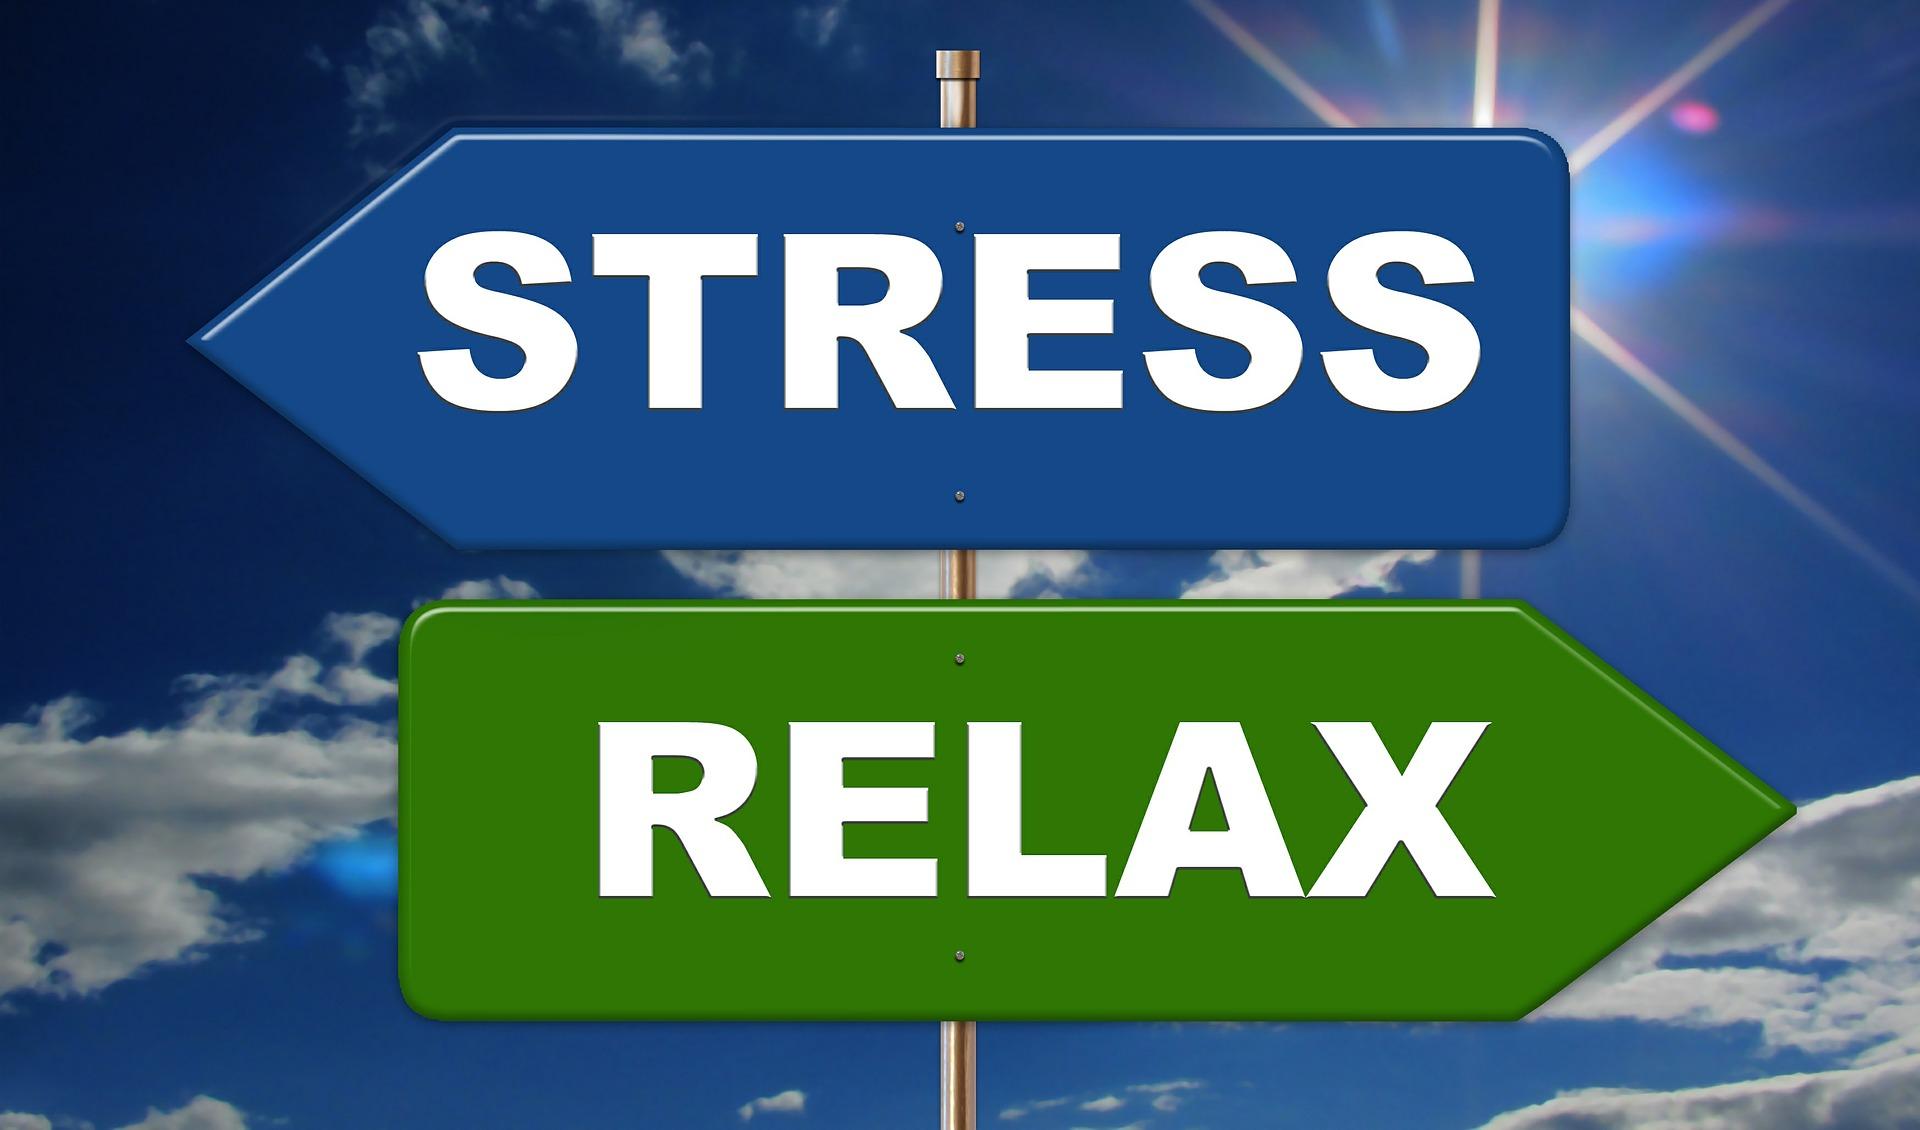 Gestion du stress : Pour aller plus vite, ralentissez